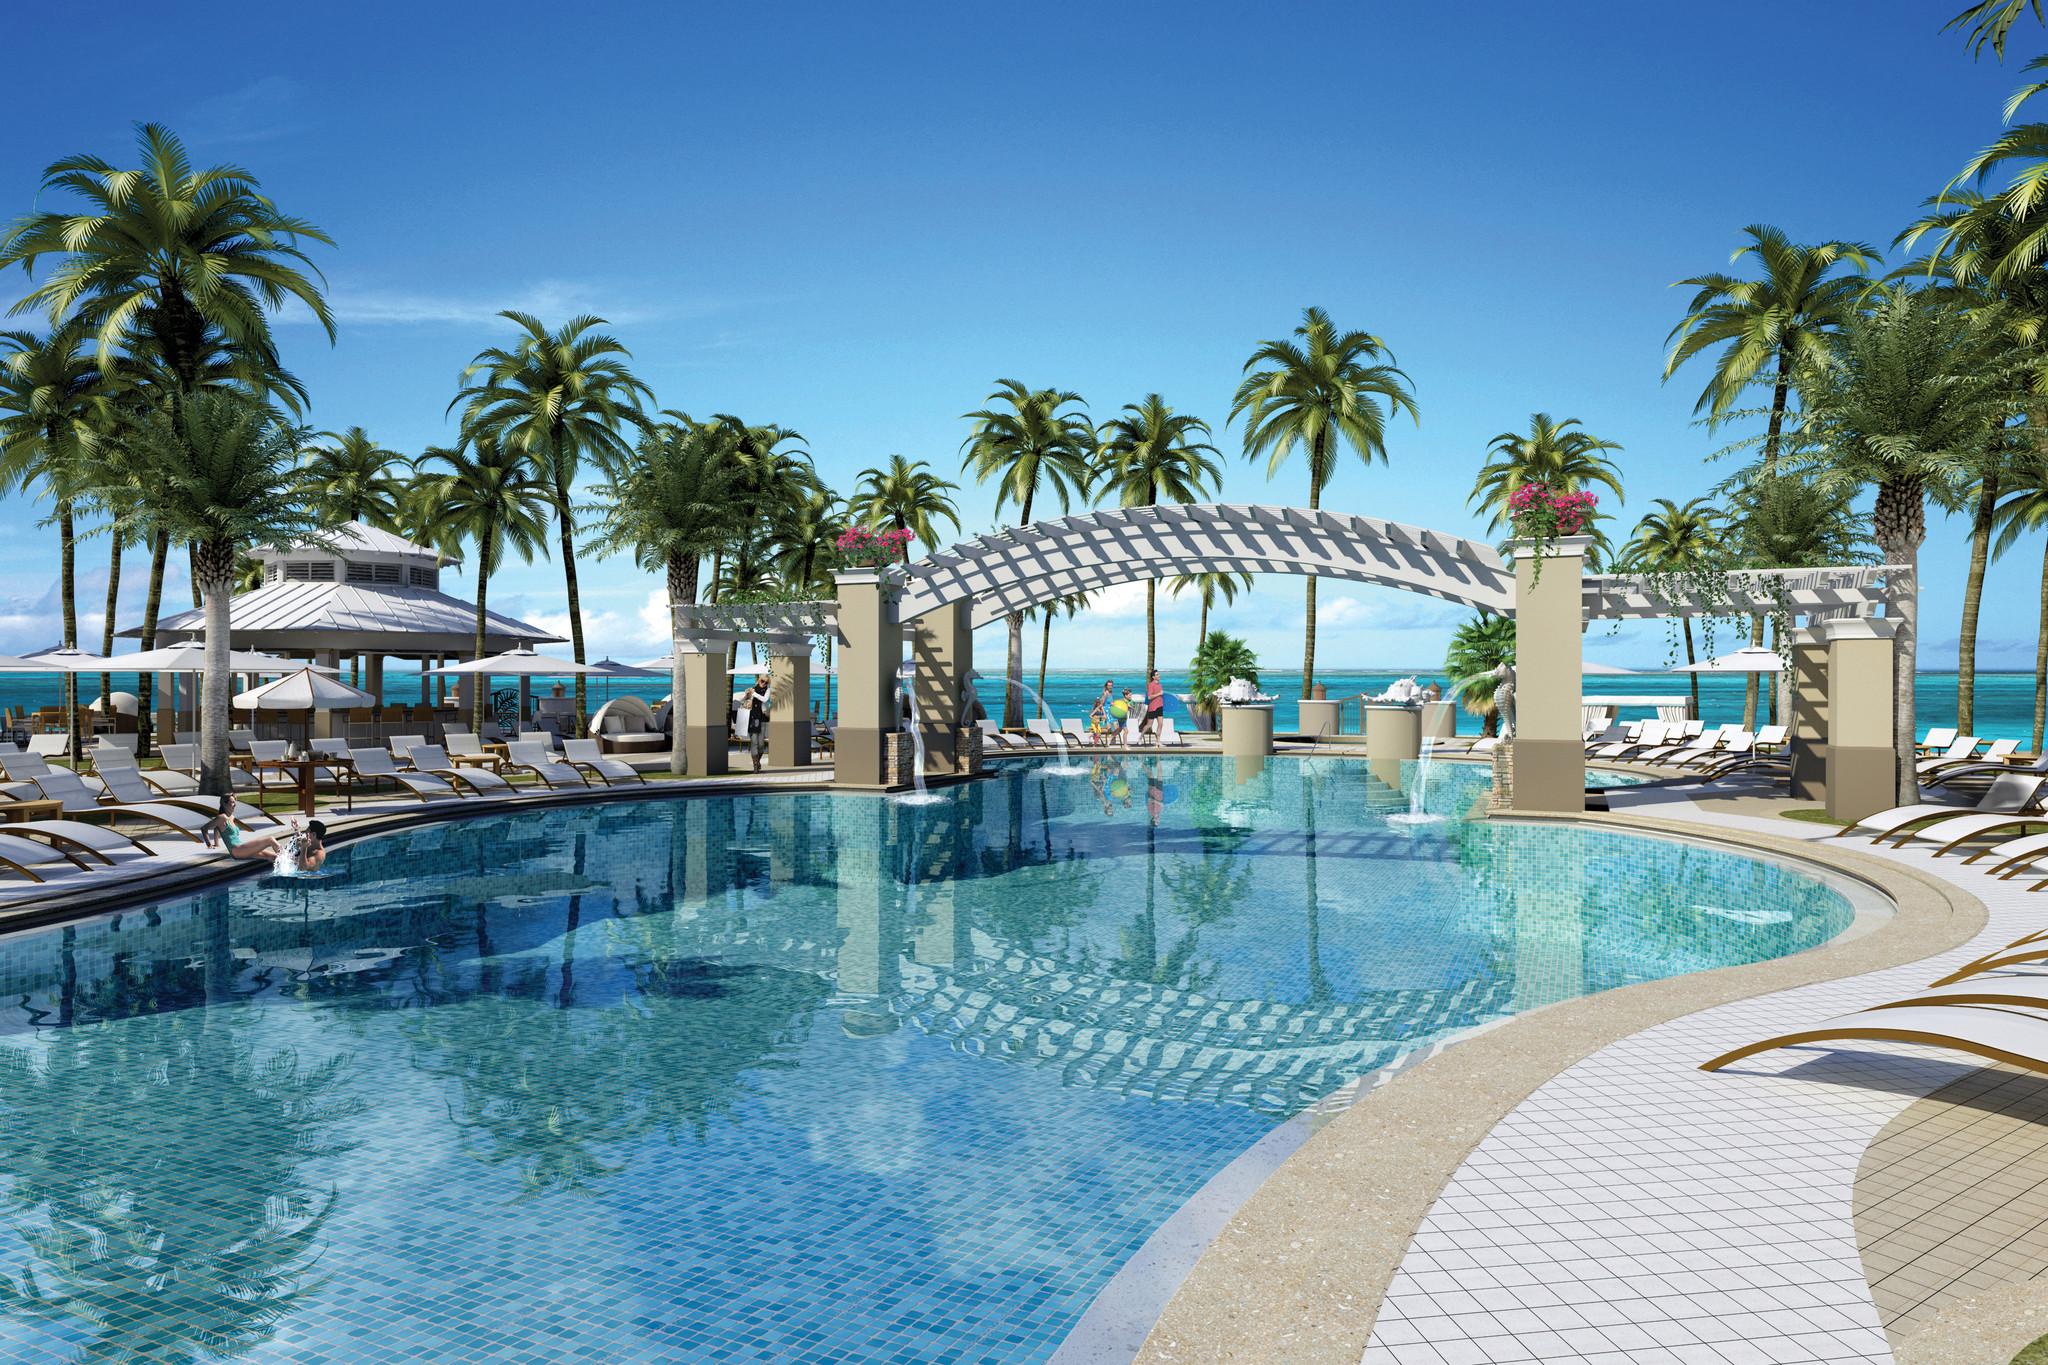 fl-playa-largo-hotel-20160418